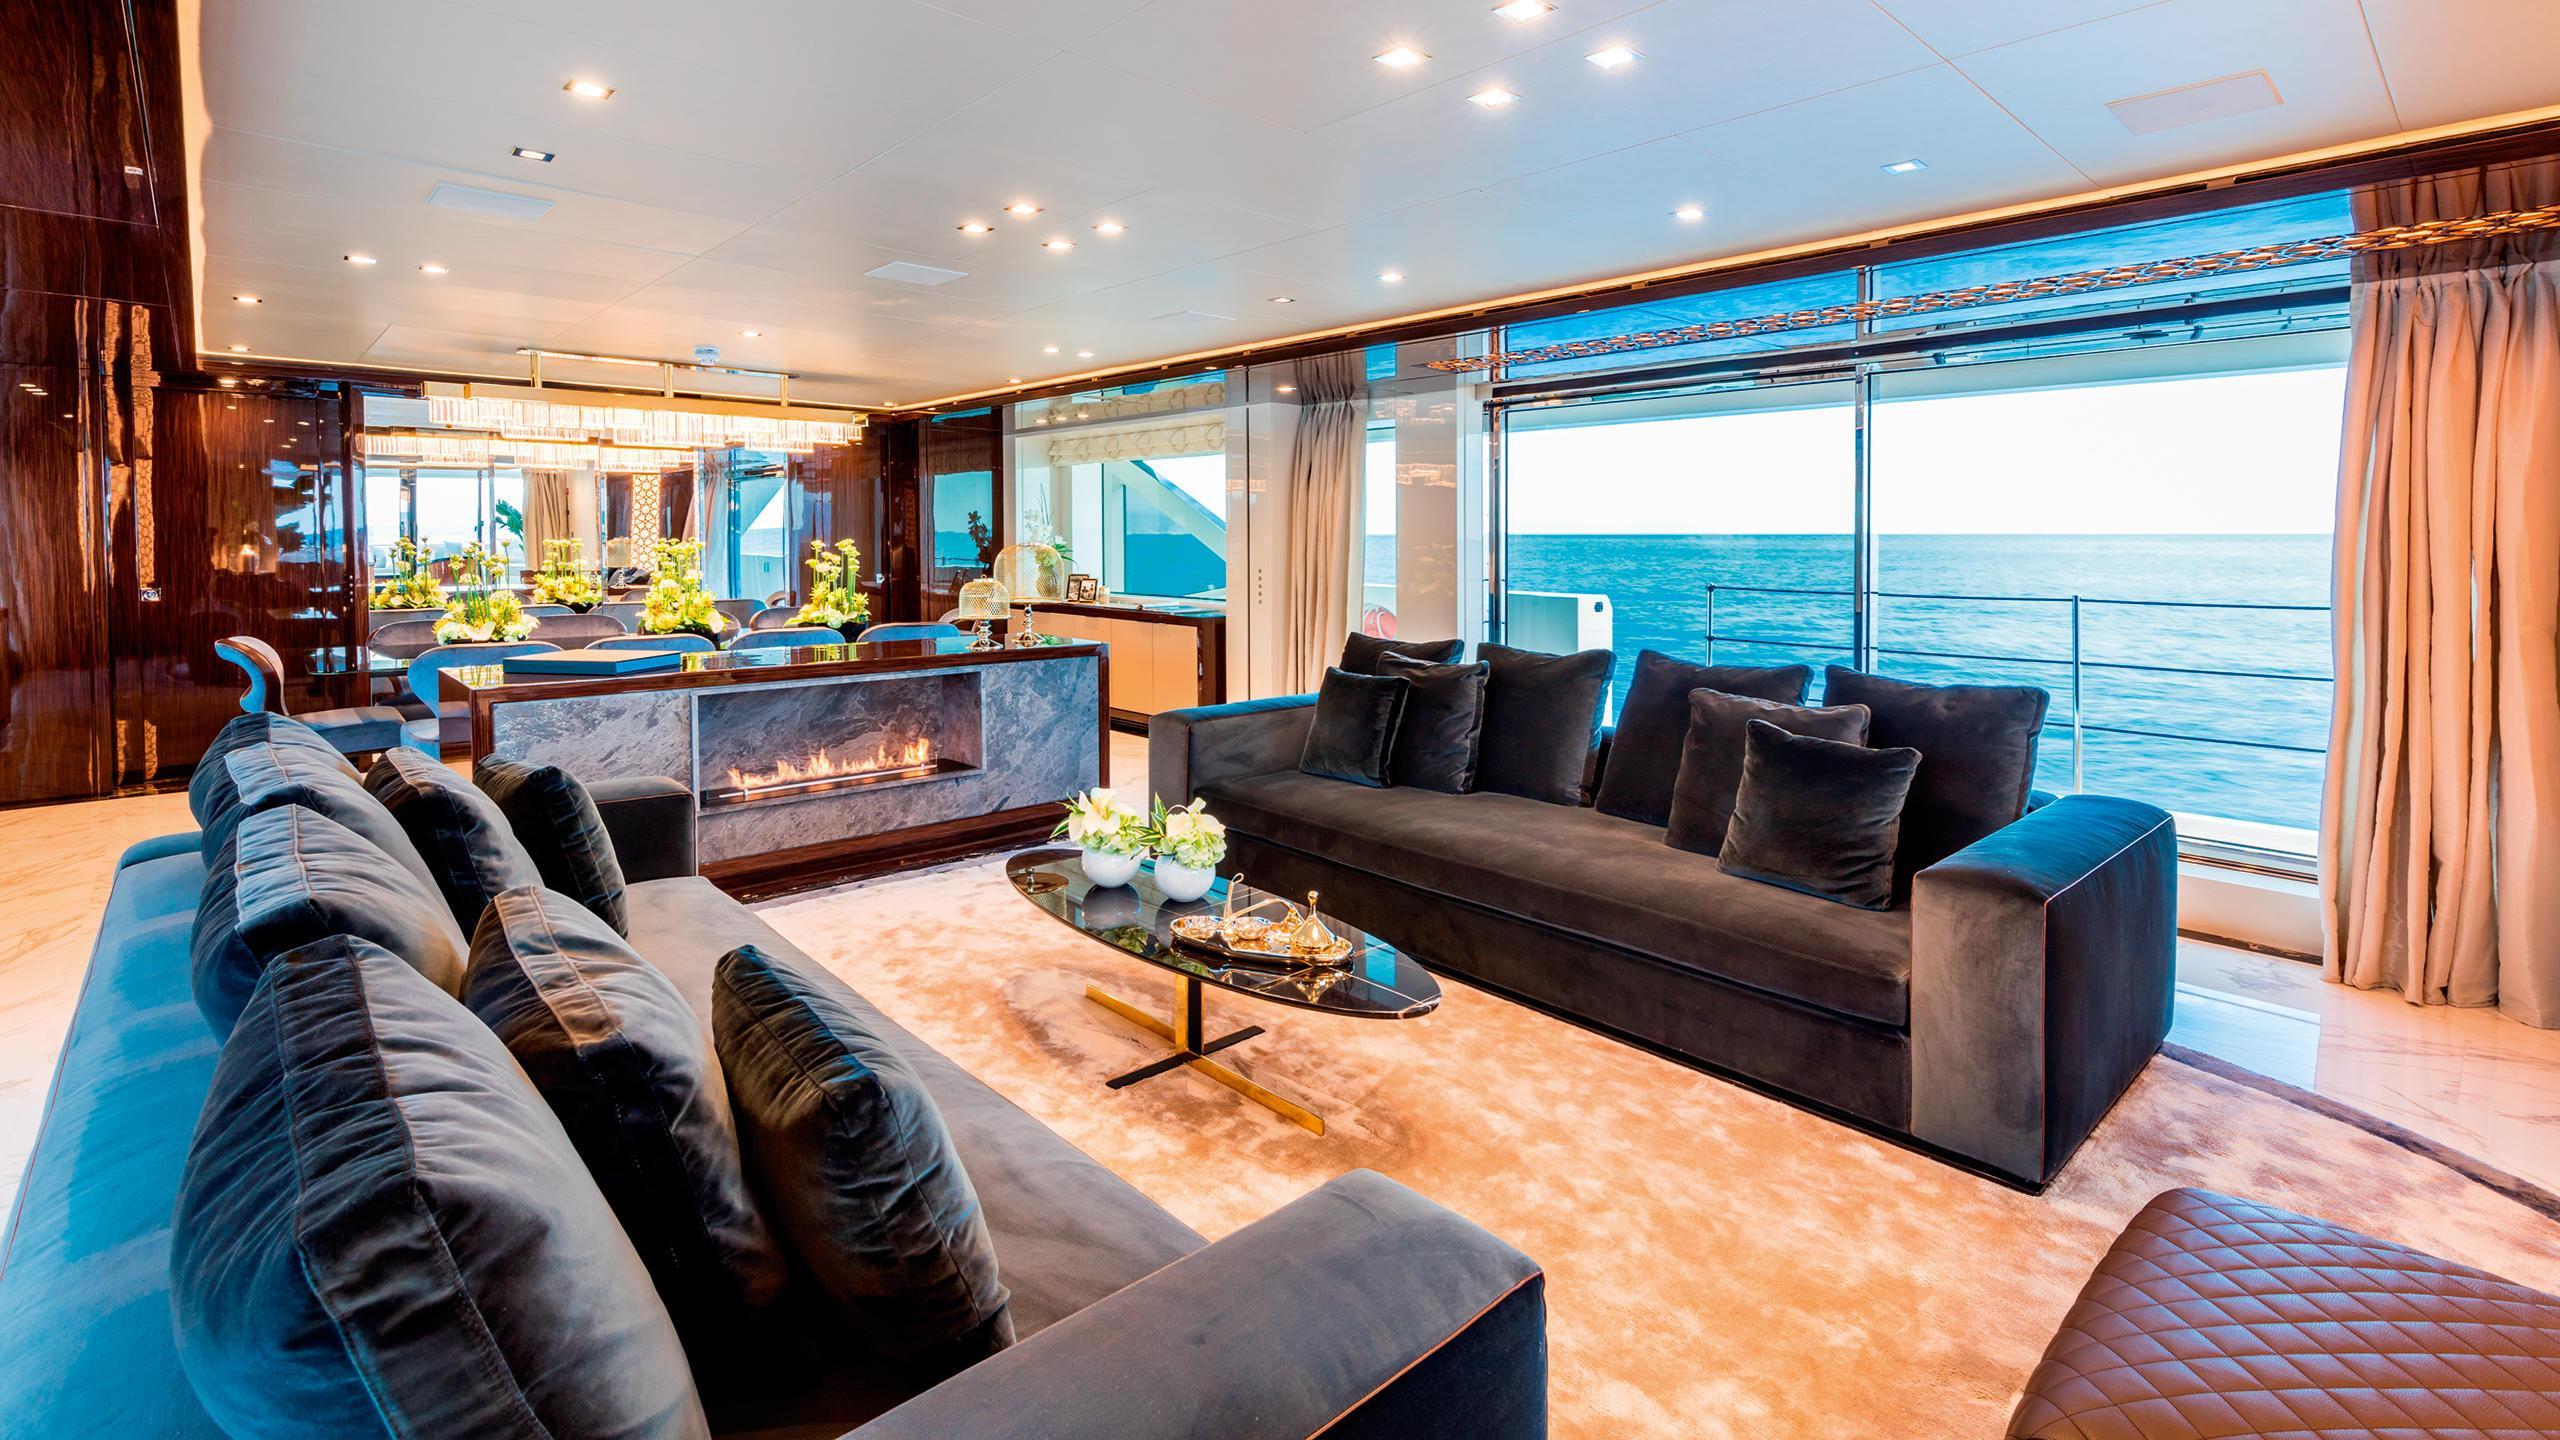 serenity-motor-yacht-mondomarine-2015-42m-saloon